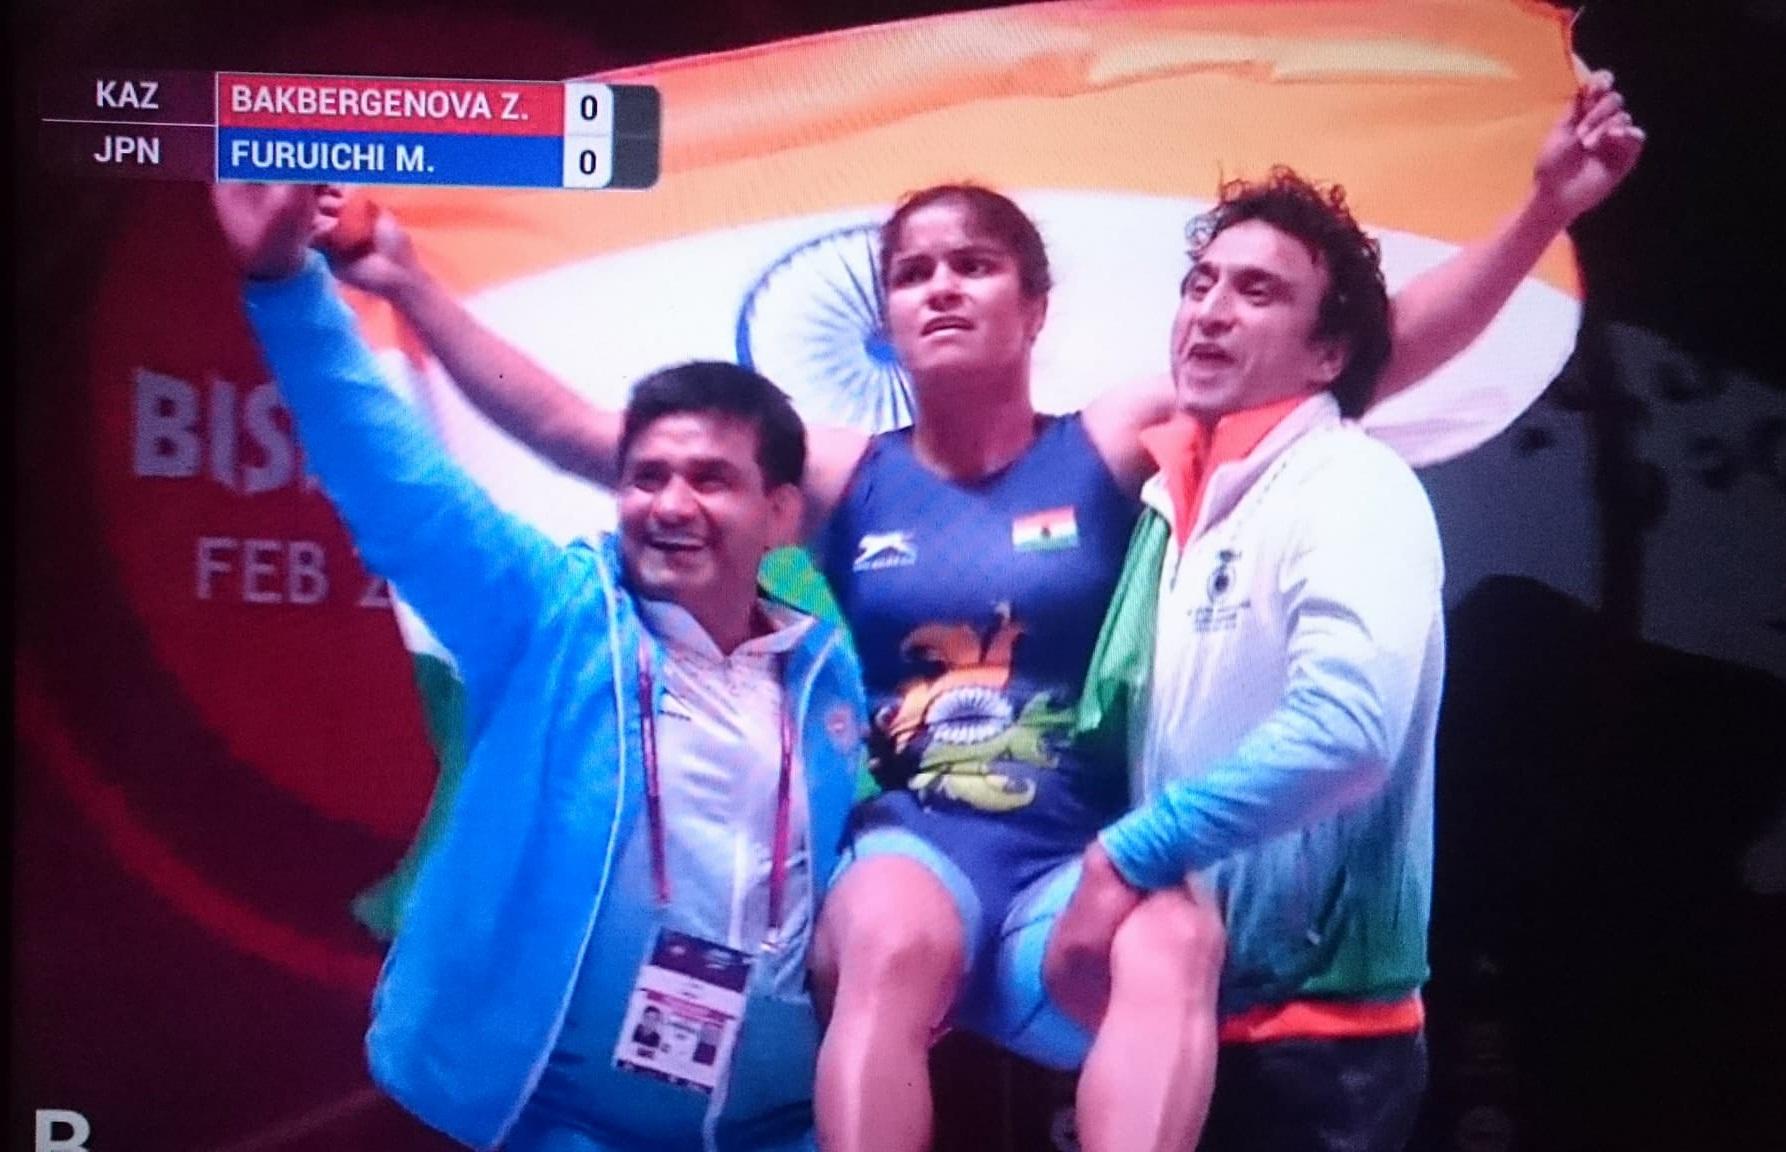 एशिया में स्वर्ण पदक जीतने वाली पहली भारतीय महिला बनीं पहलवान नवजोत कौर